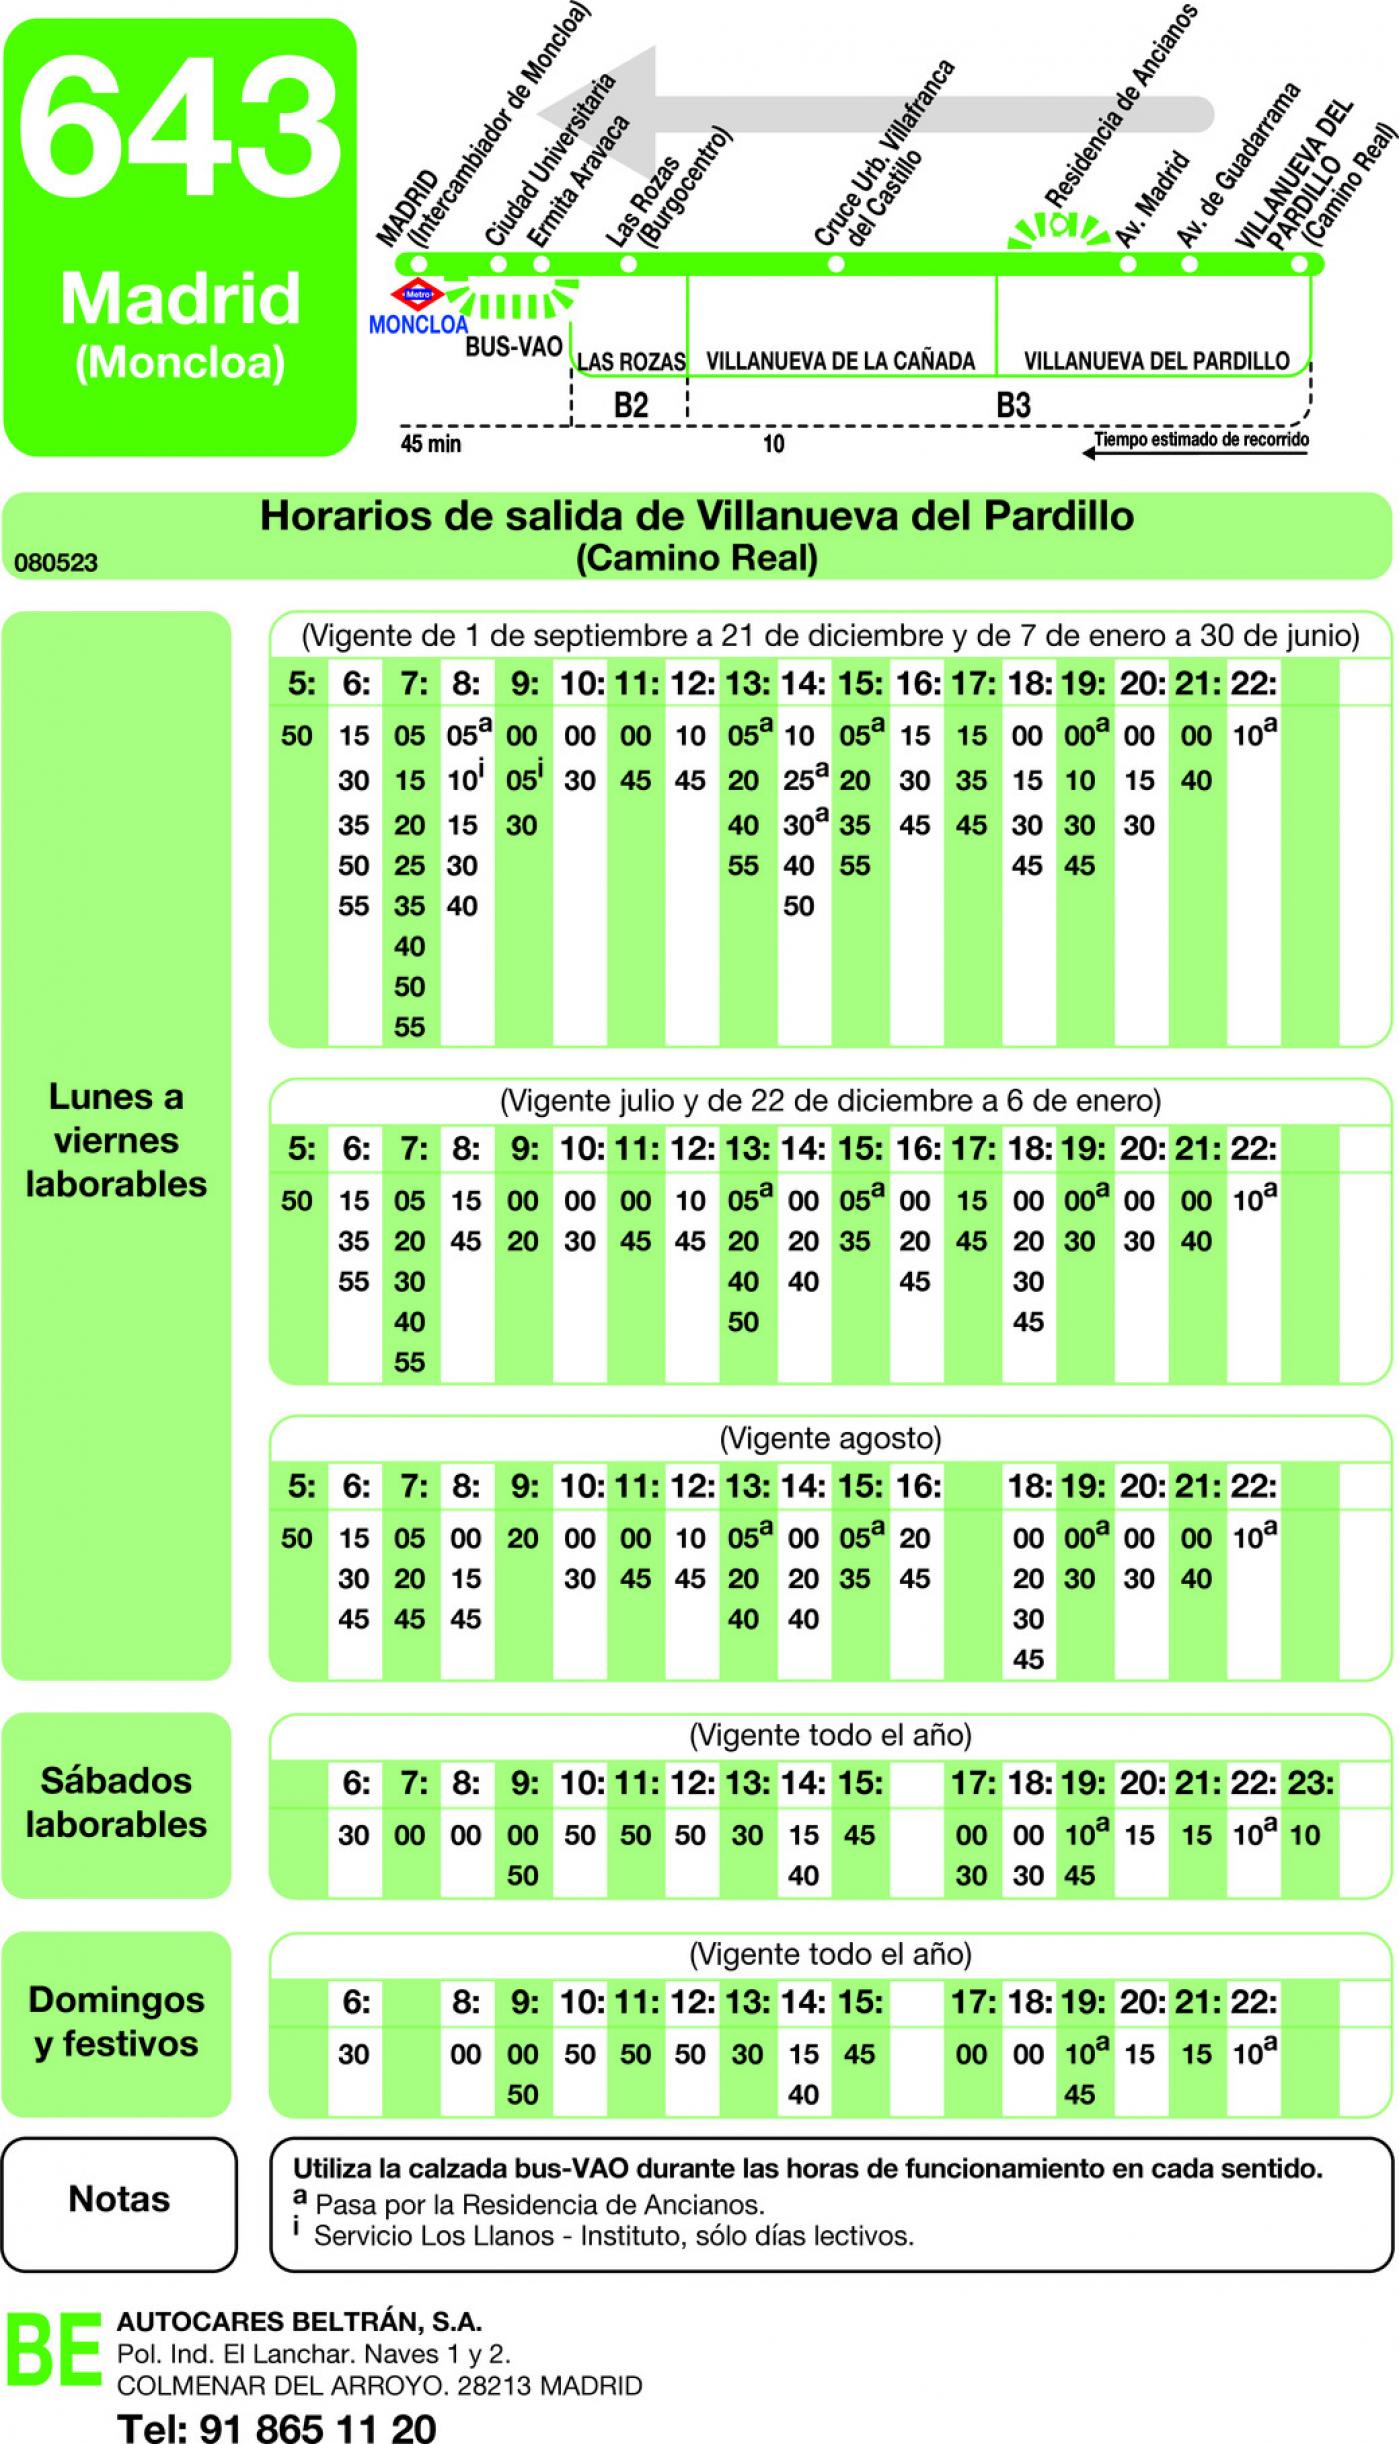 Tabla de horarios y frecuencias de paso en sentido vuelta Línea 643: Madrid (Moncloa) - Villanueva del Pardillo